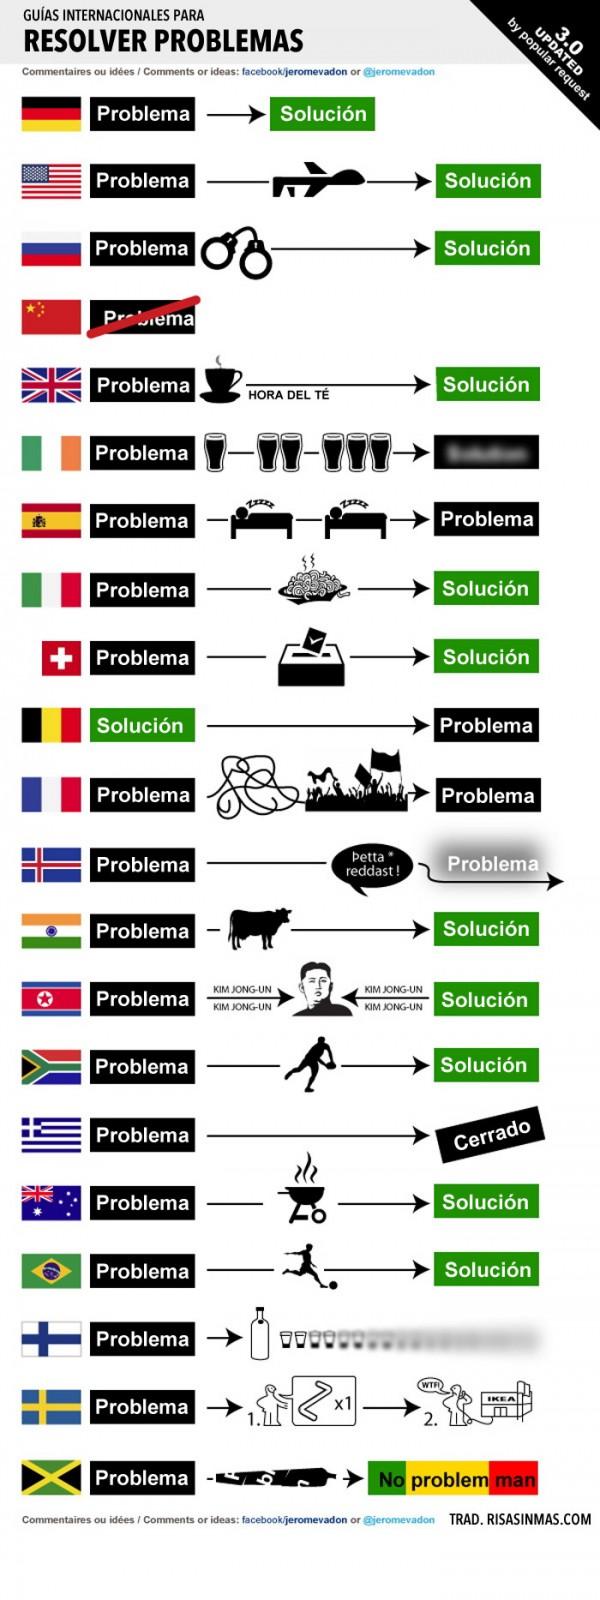 Guías internacionales para resolver problemas